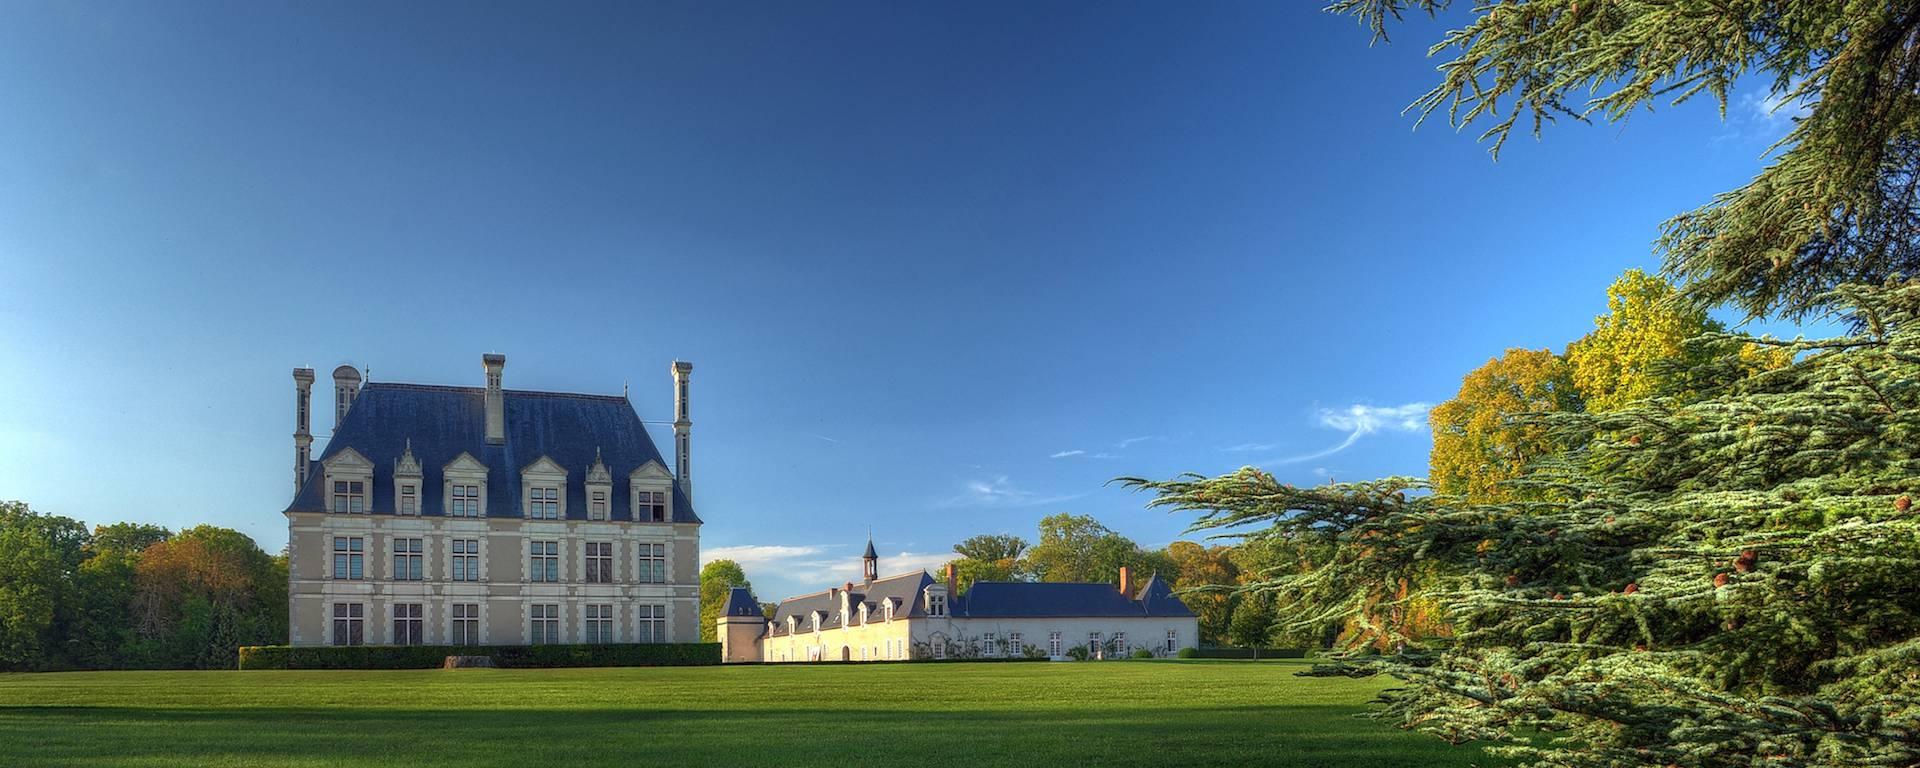 Grounds of the Château de Beauregard